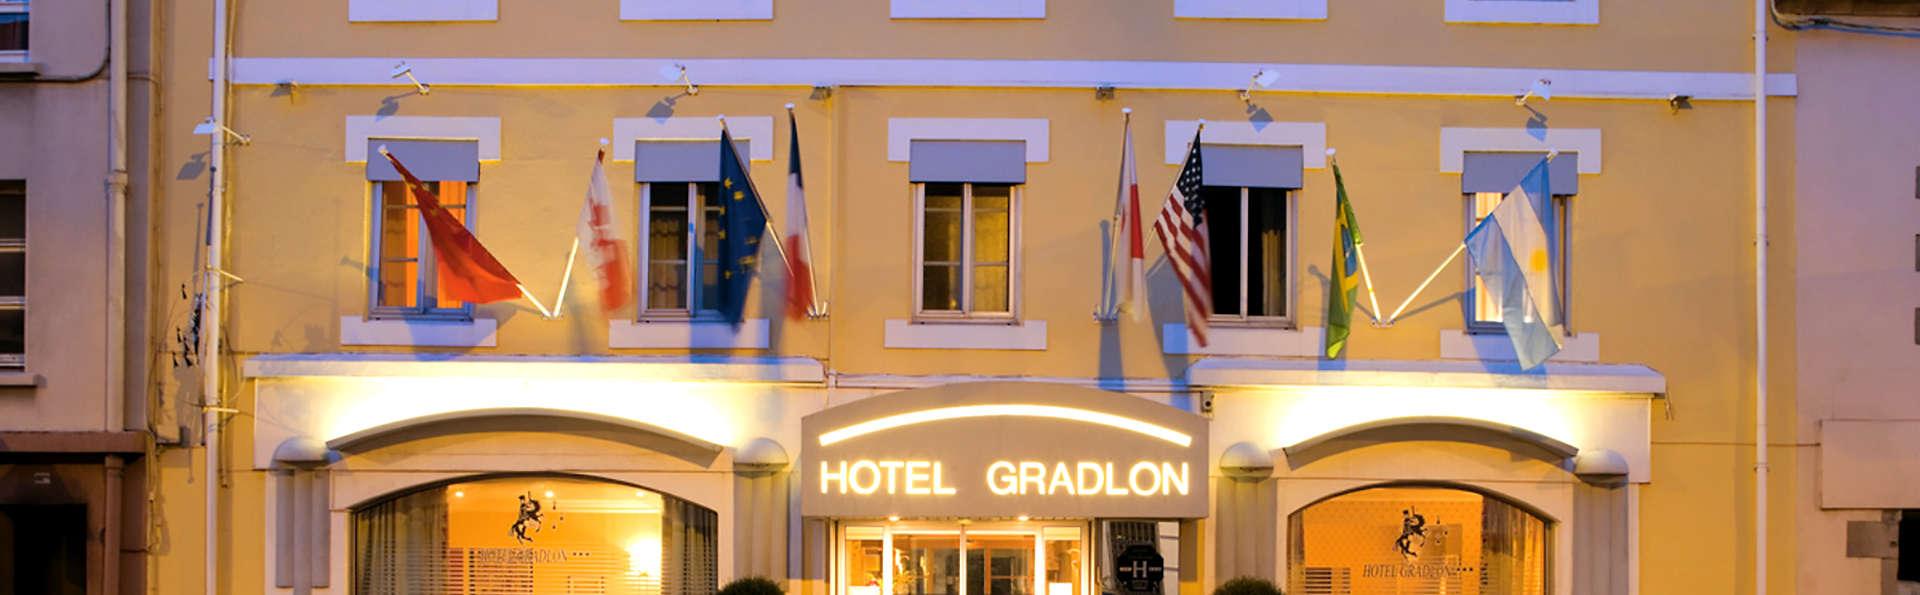 Hôtel Gradlon - Edit_Front.jpg